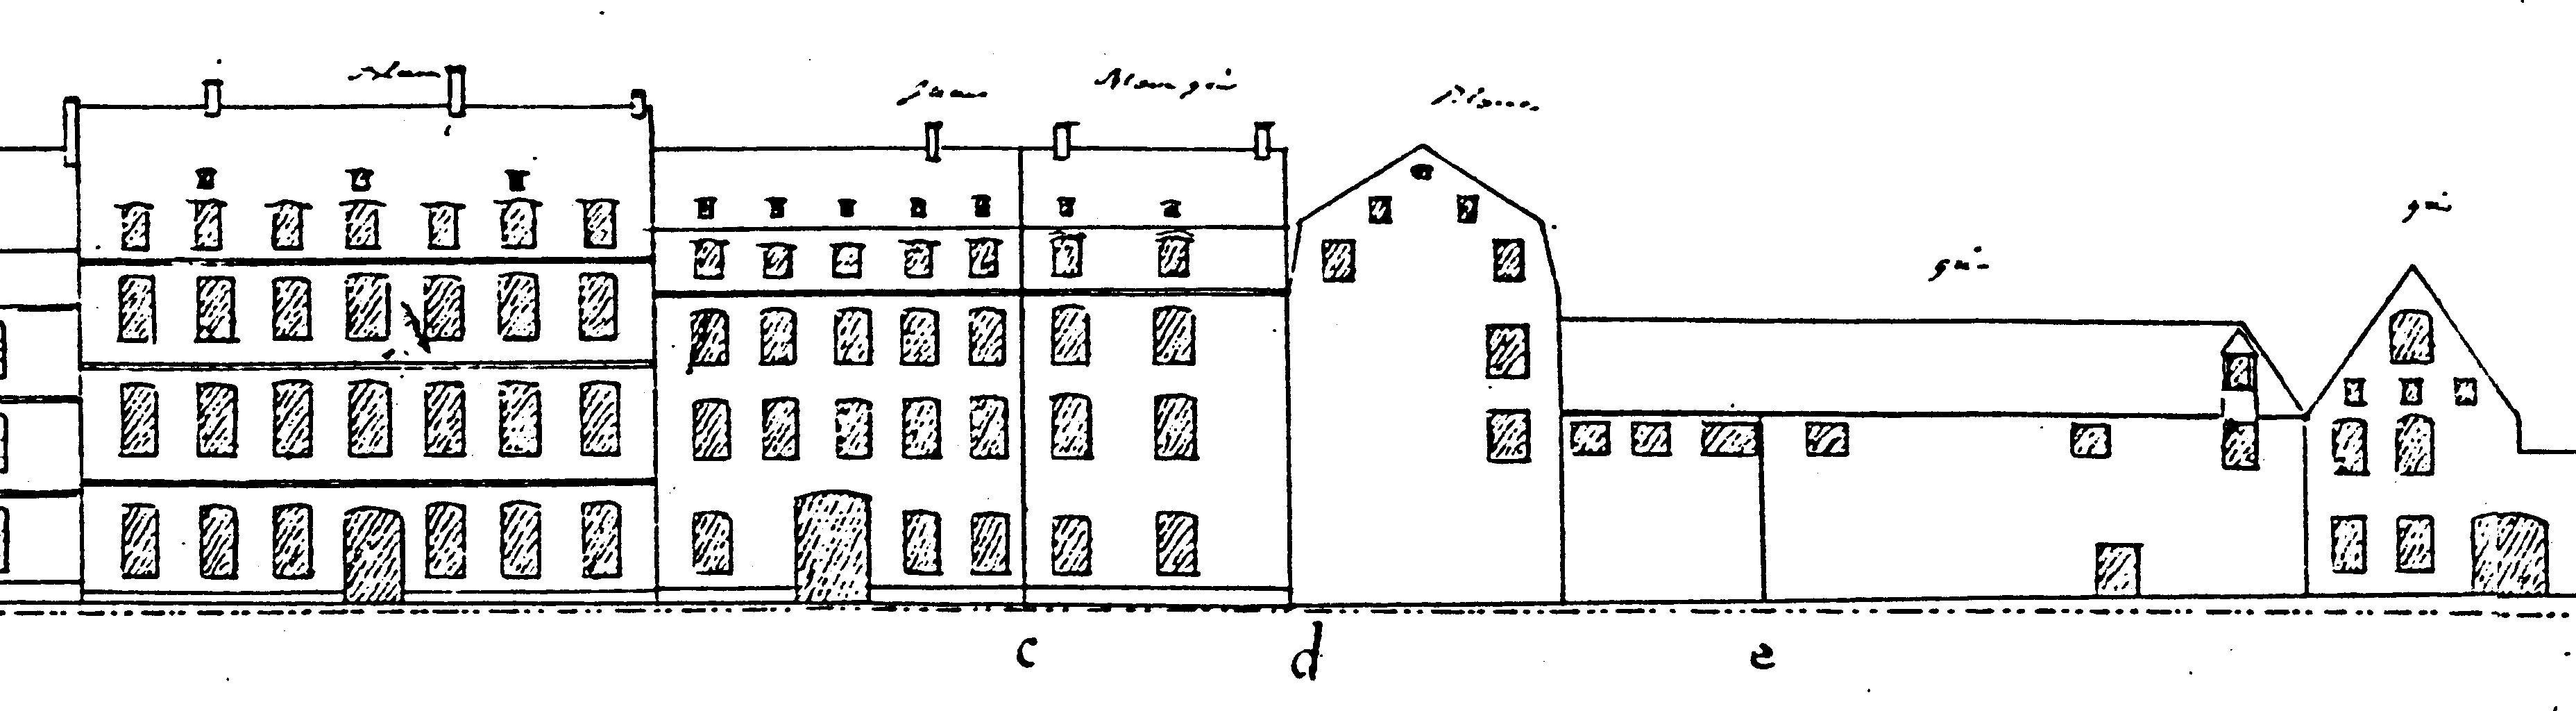 wohnstuben gestaltung : Maisons De Strasbourg R Sultats De Recherche 27 Quai Des Bateliers